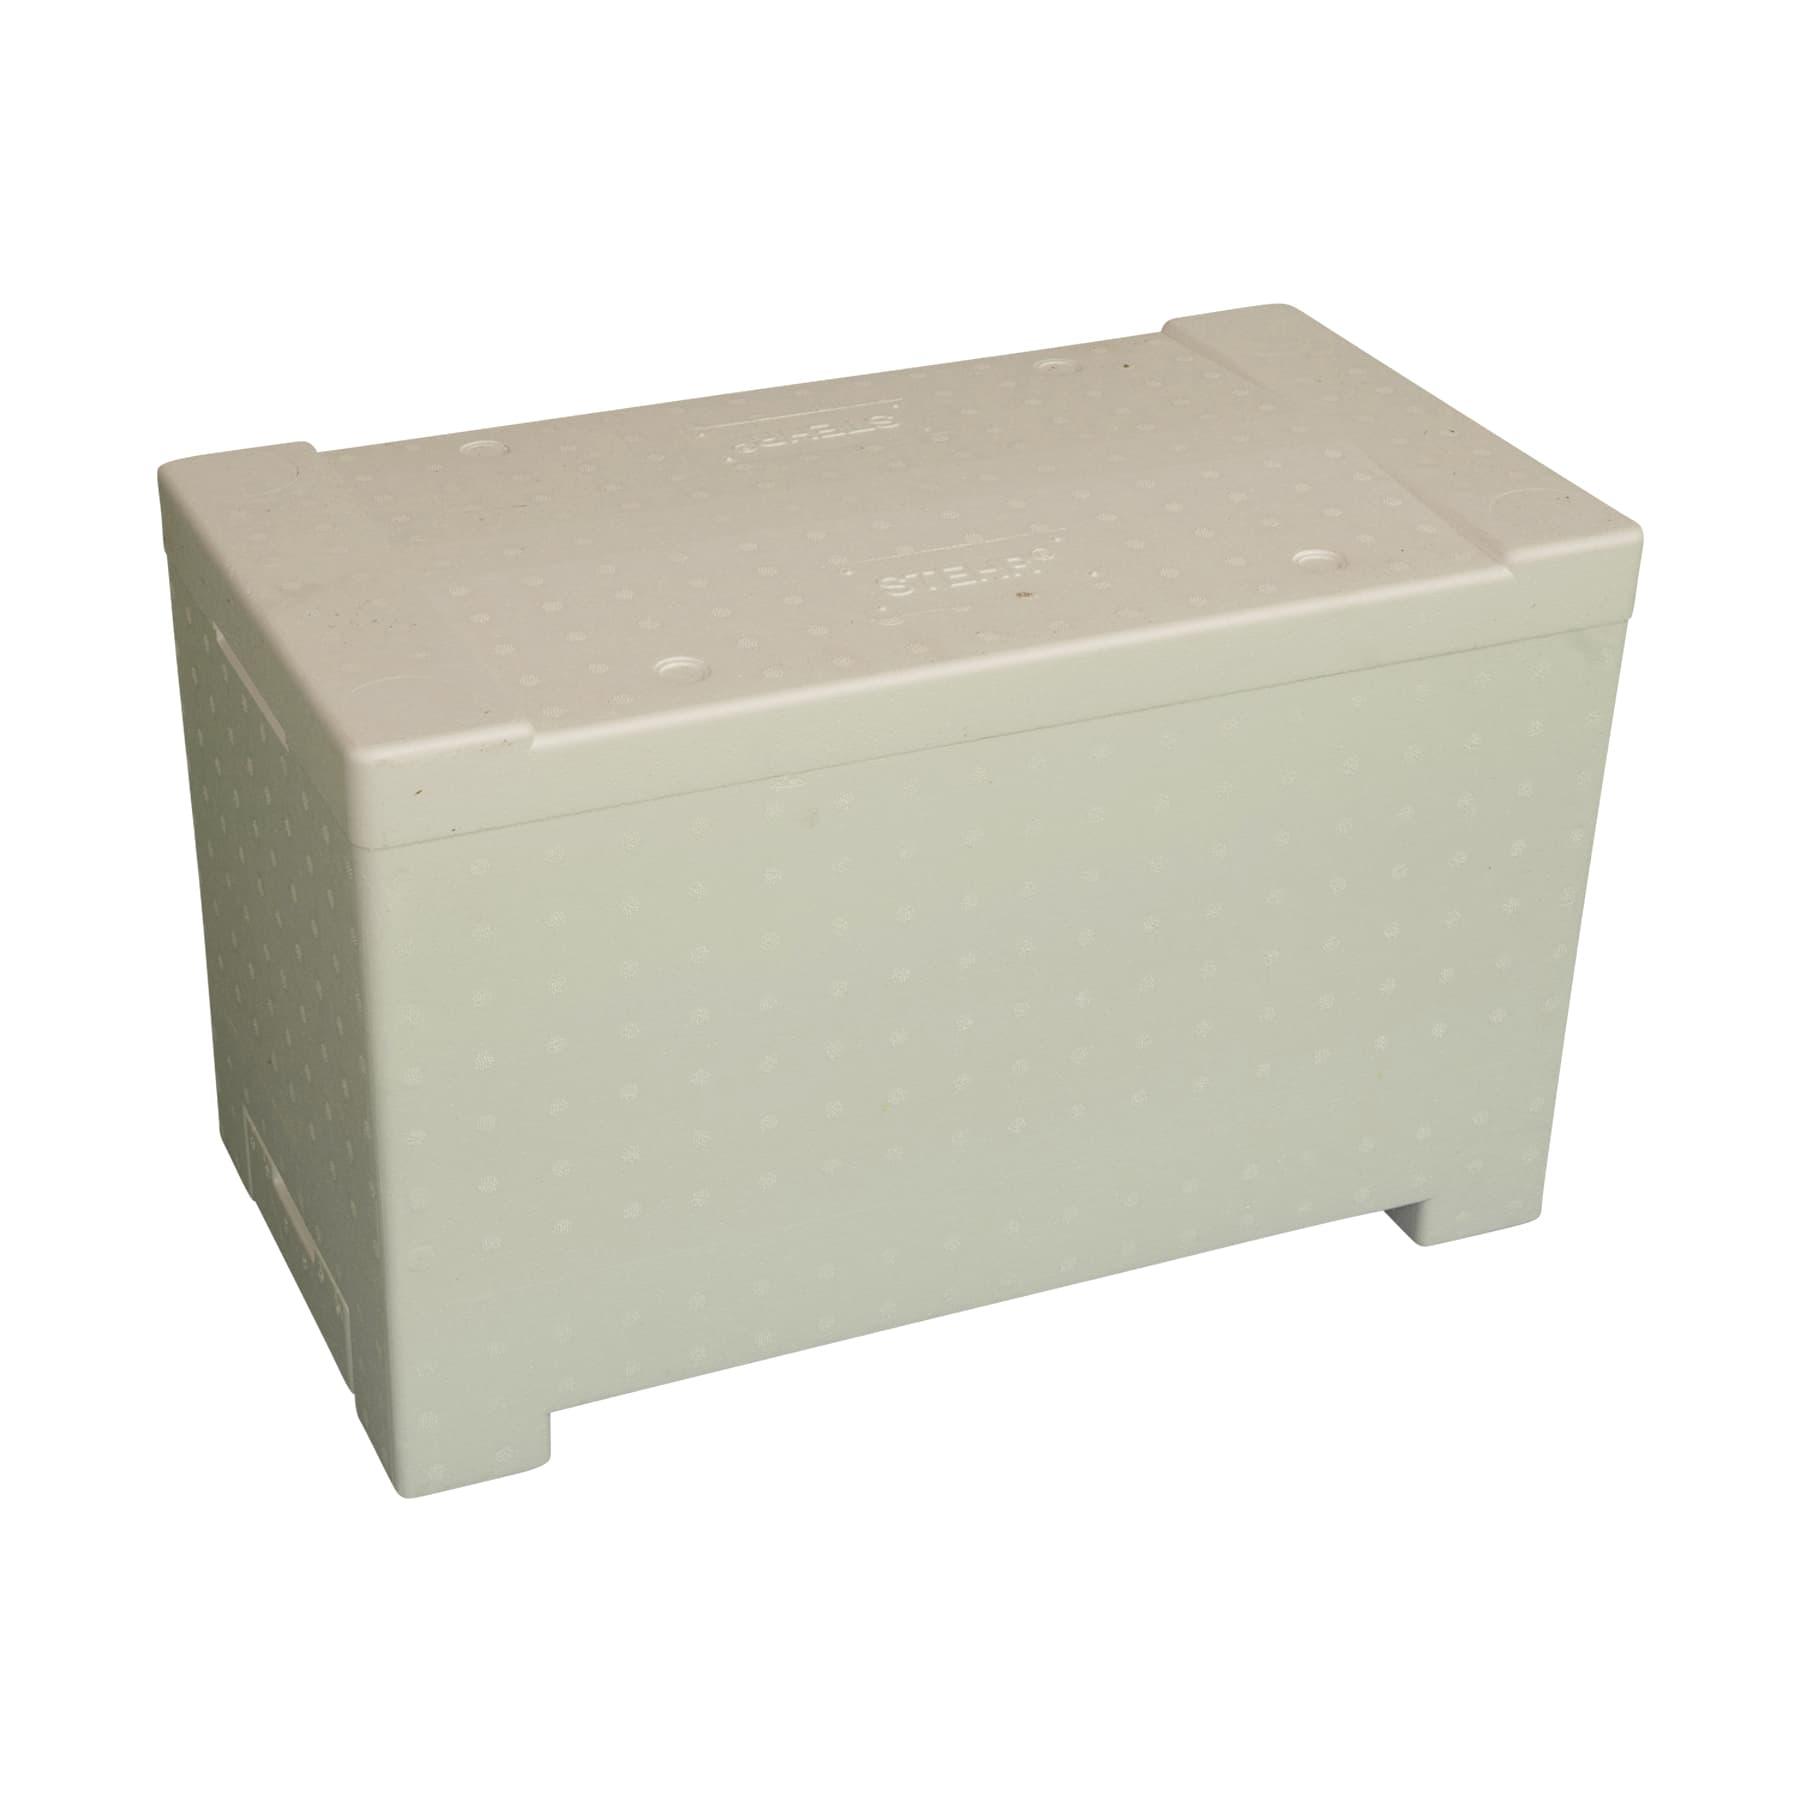 Stehr Ablegerkasten Dadant-modifiziert inkl. eingebautem Rechen (Dadant Standard) f. 6 Waben(482 x 285) aus Styropor, einschiebbares Flugbrett